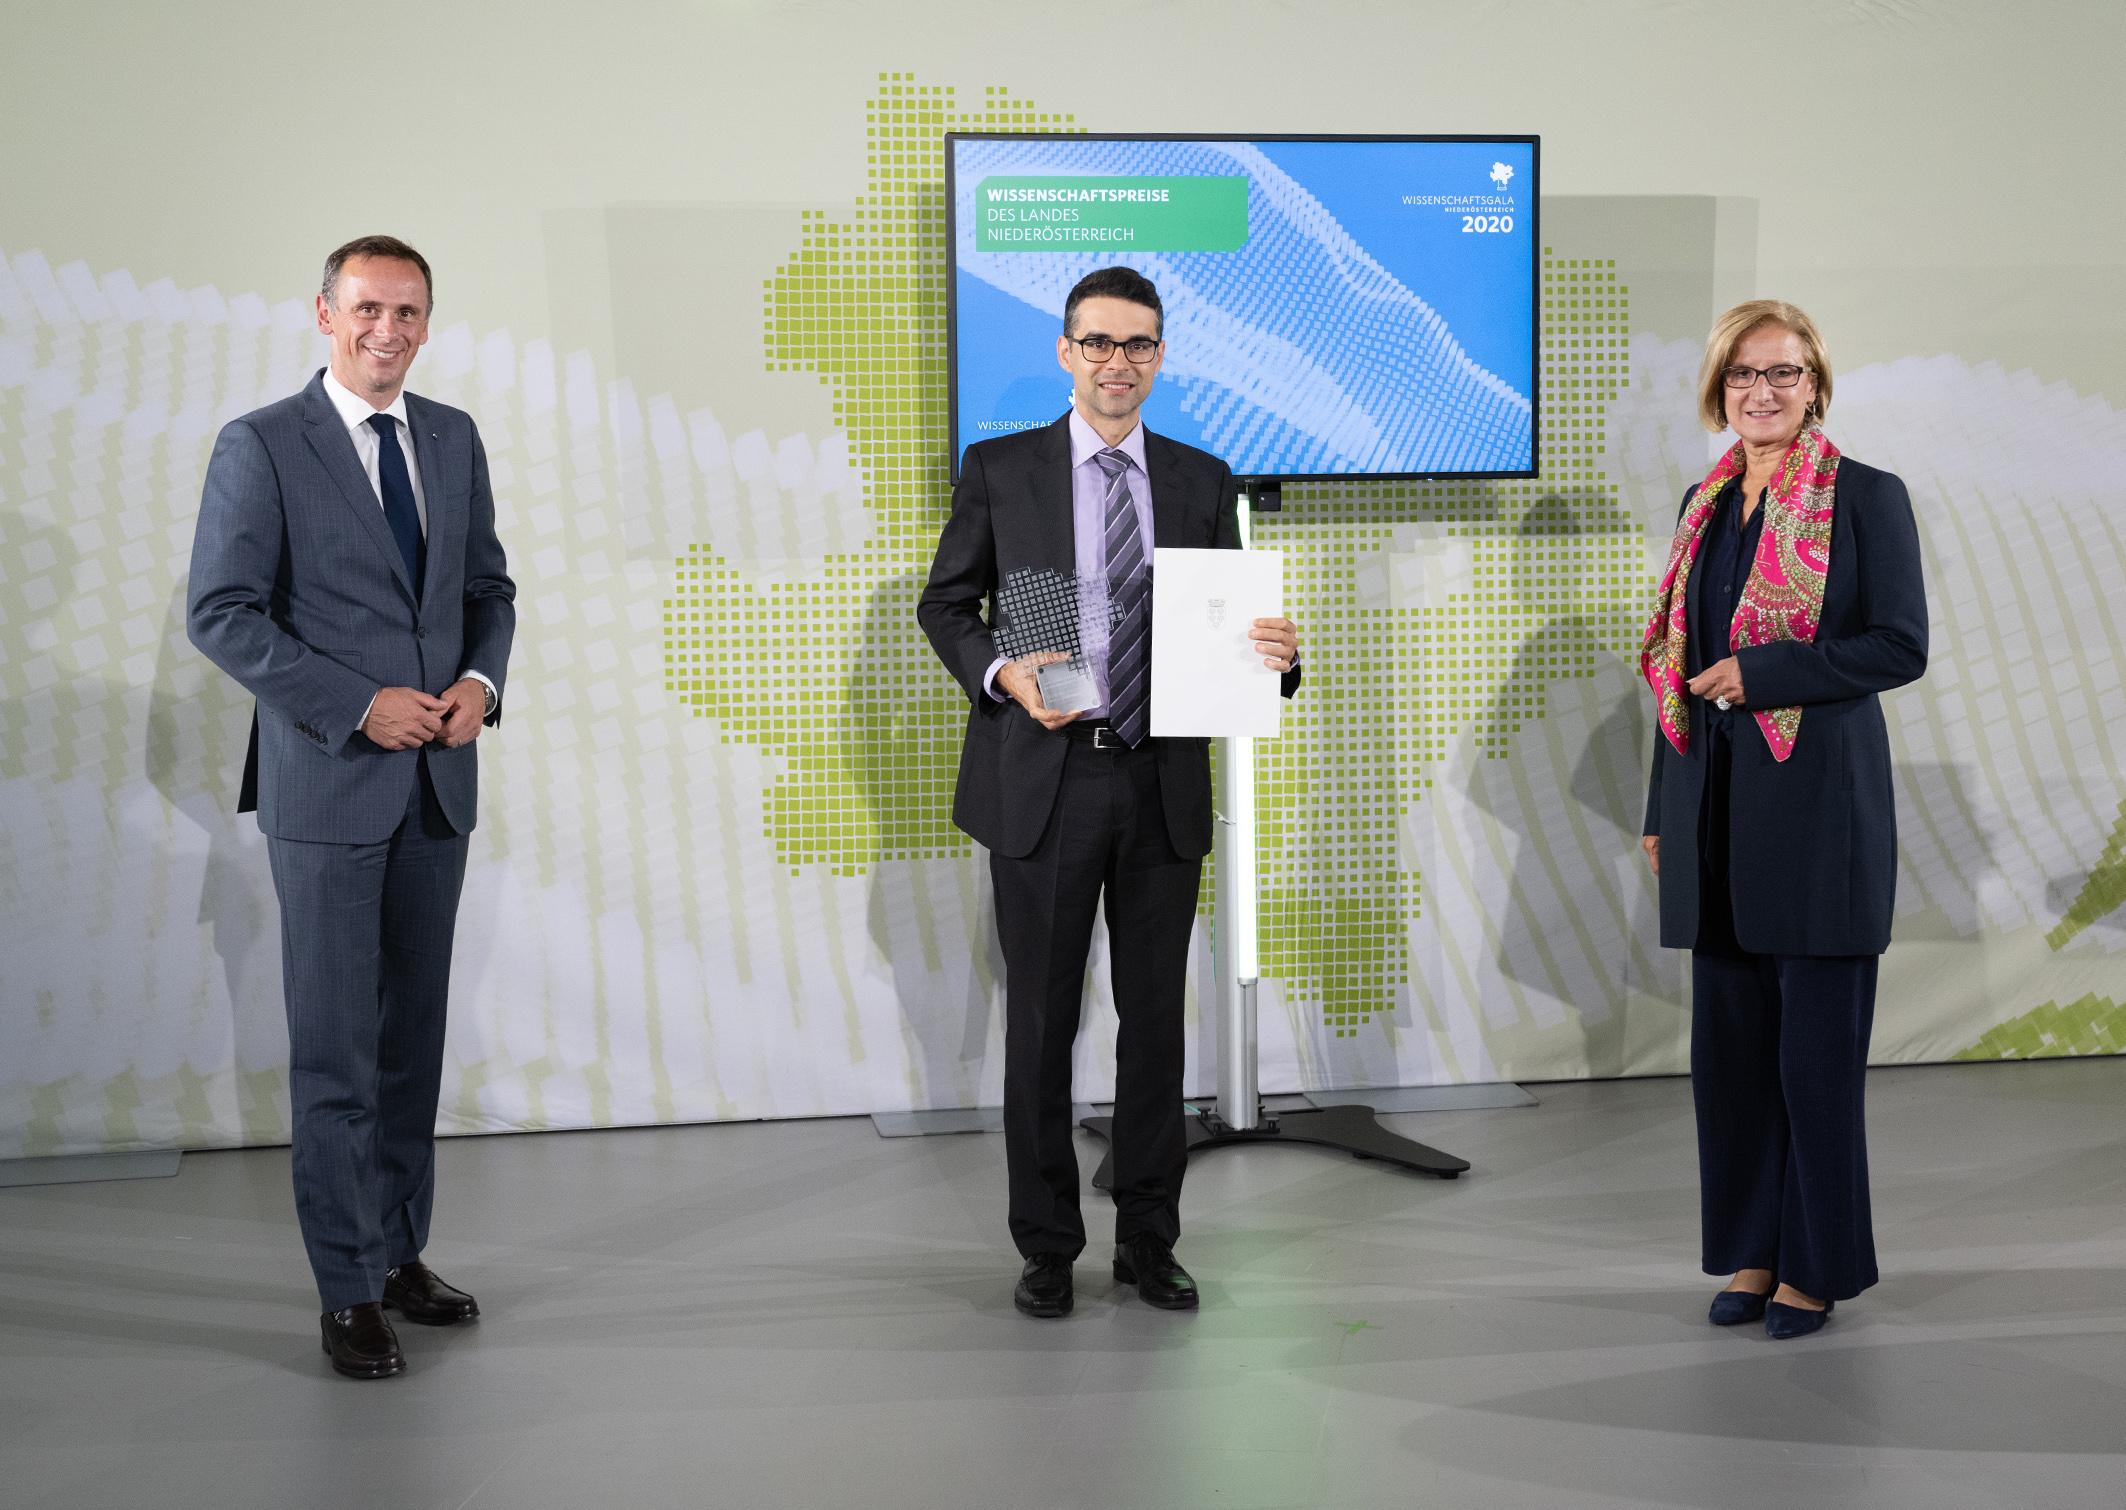 Anerkennungspreis des Landes NÖ für besondere wissenschaftliche Leistungen